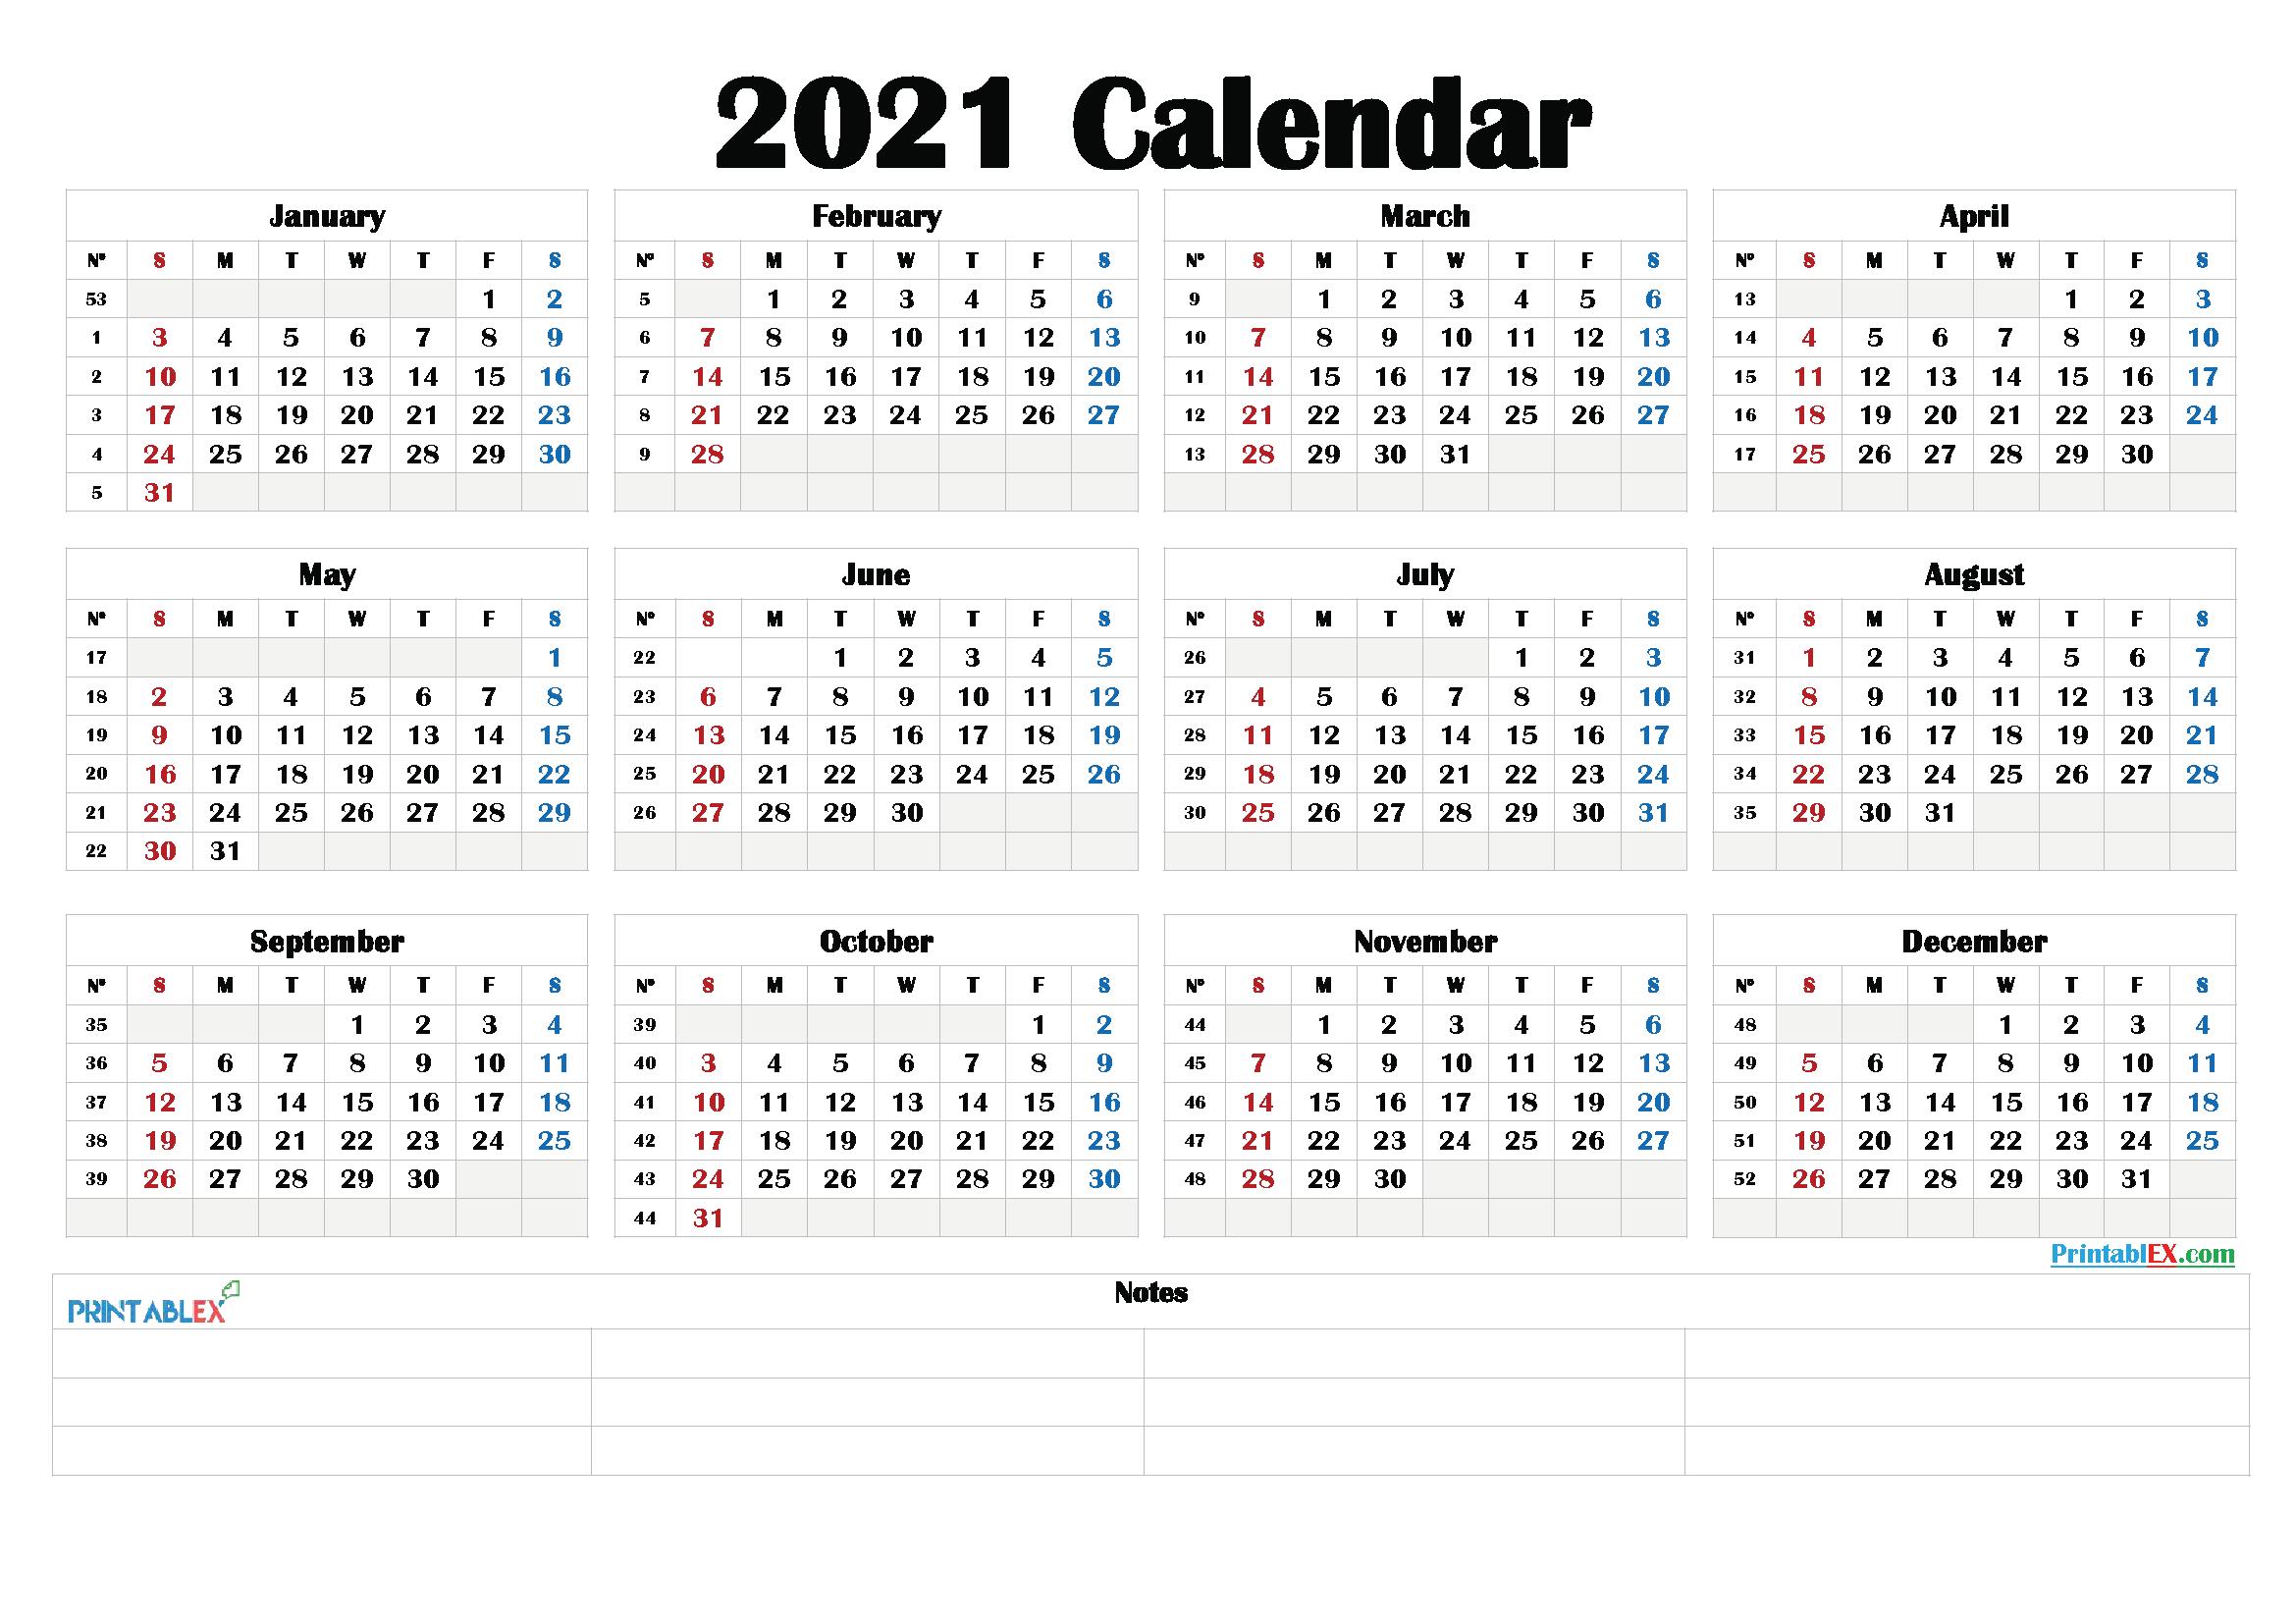 2021 Calendar With Week Number Printable Free / Download-Free Print 2021 Calendars Without Downloading